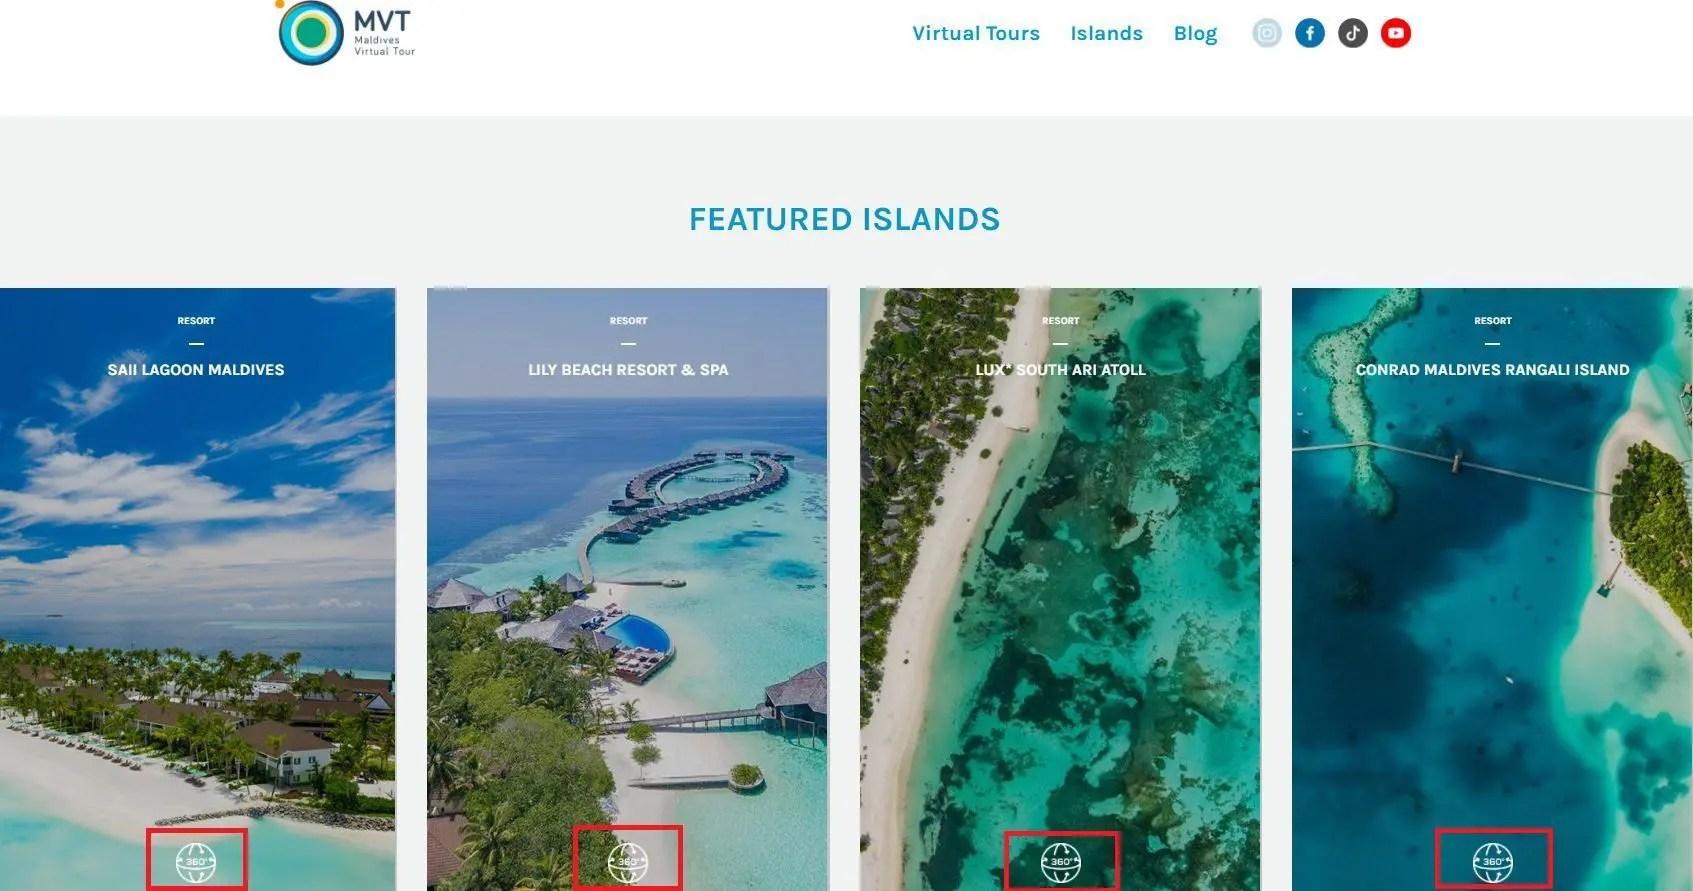 Maldivas tour